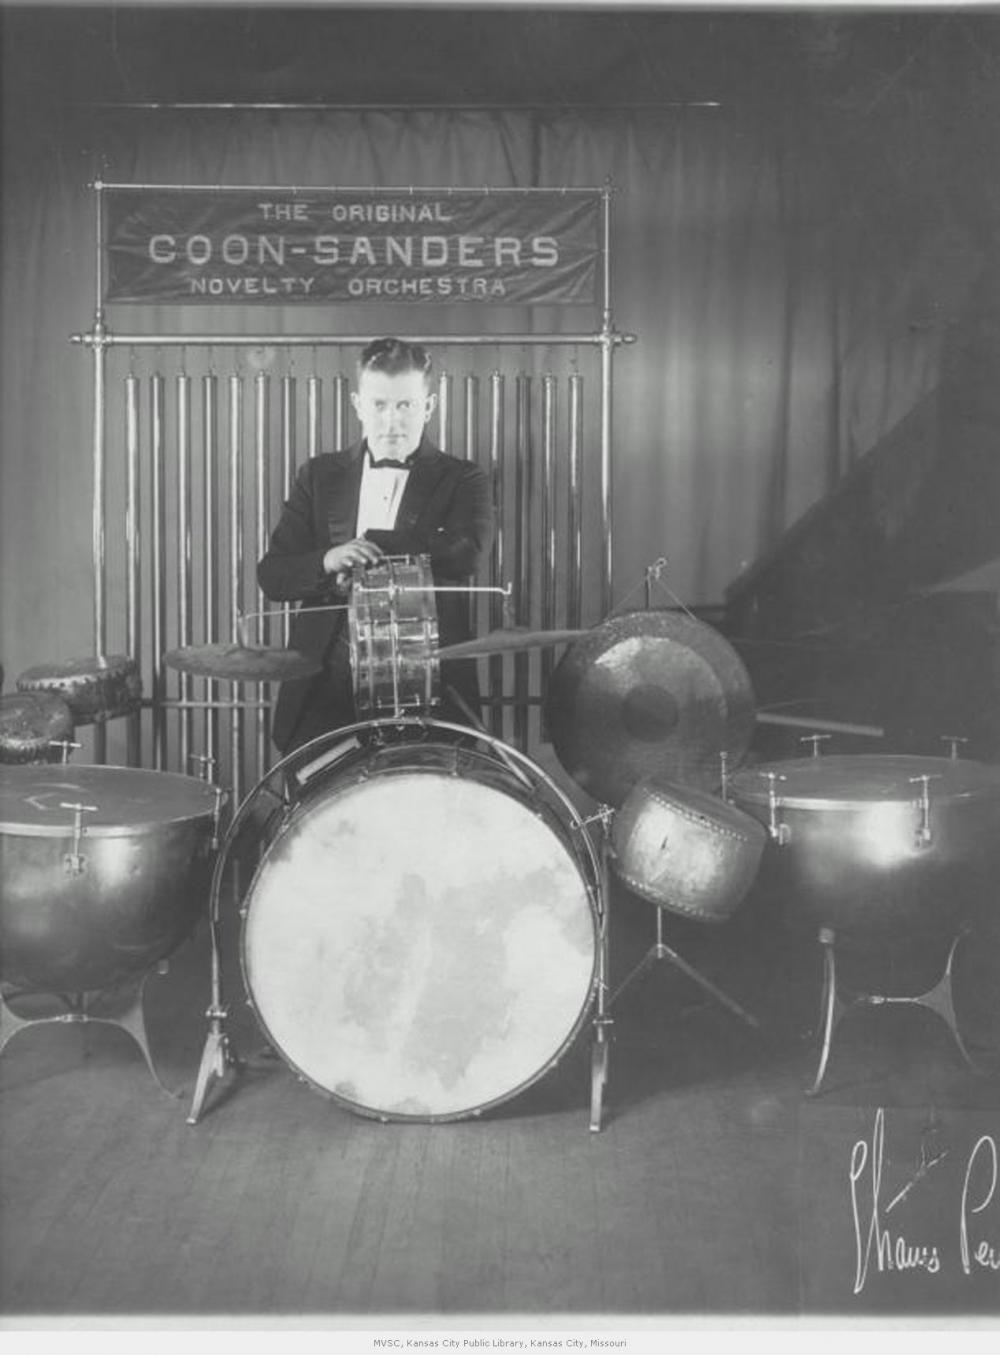 Carleton Coon at the Drum Set